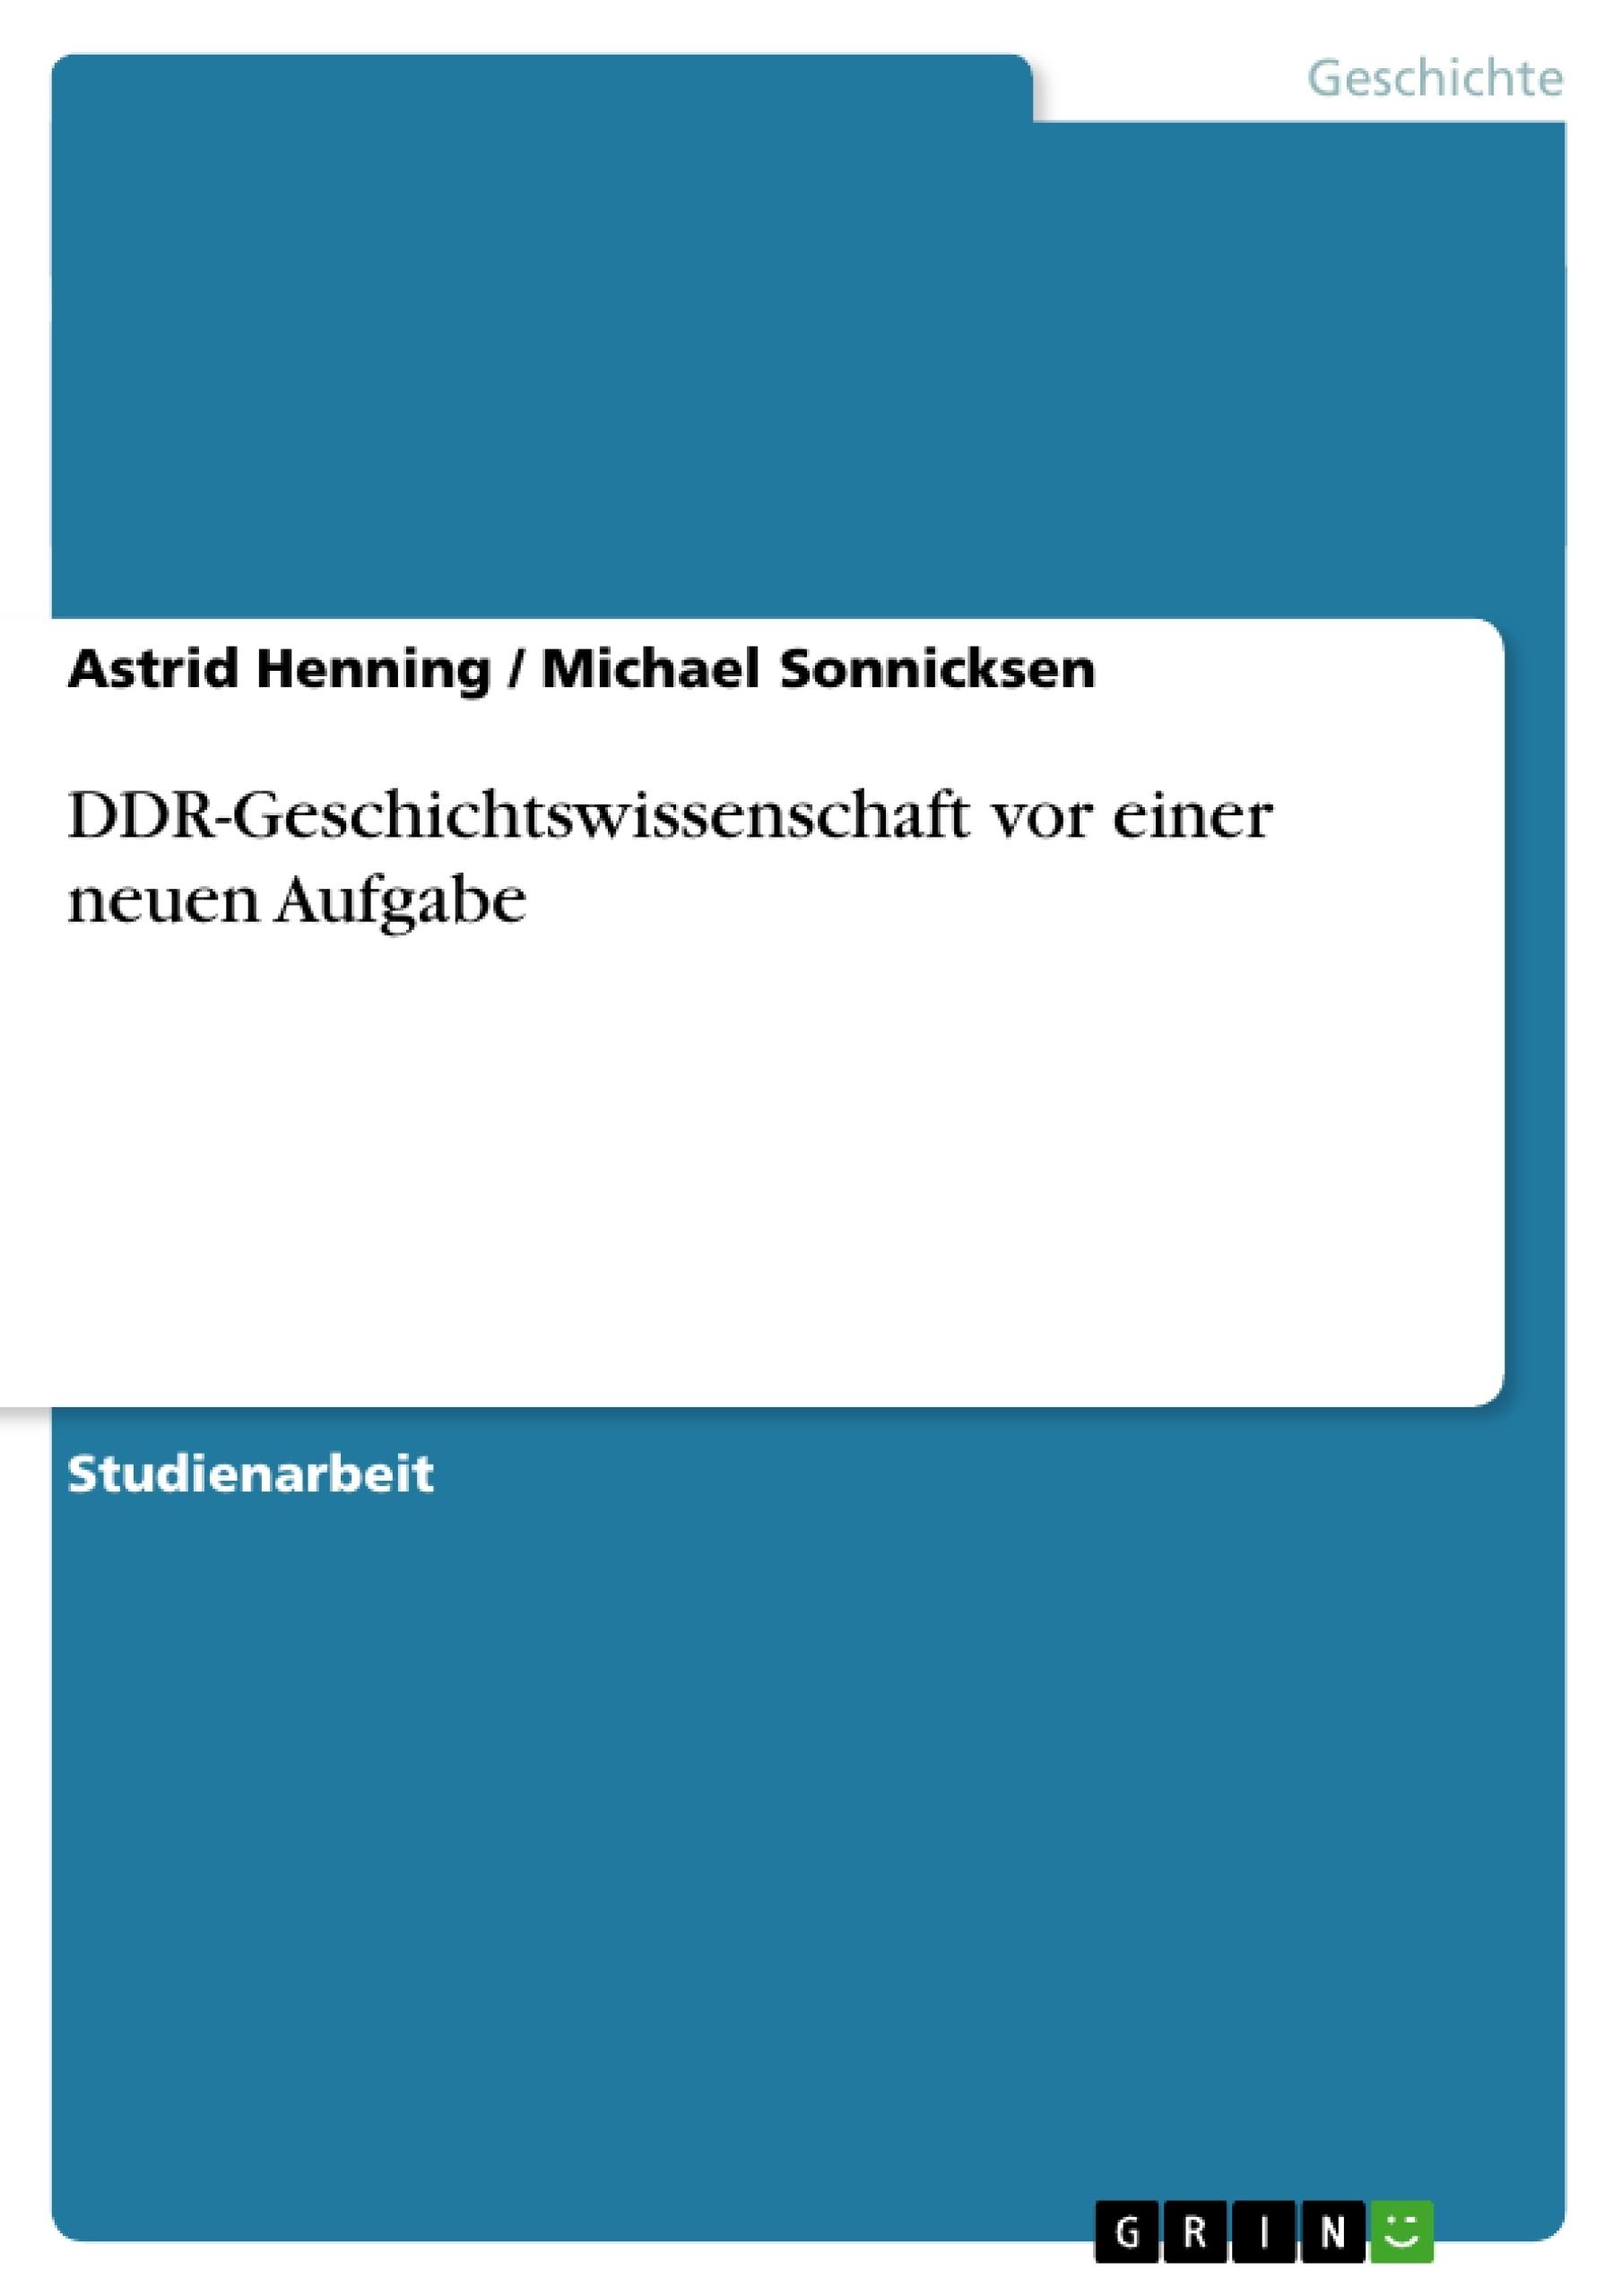 Titel: DDR-Geschichtswissenschaft vor einer neuen Aufgabe